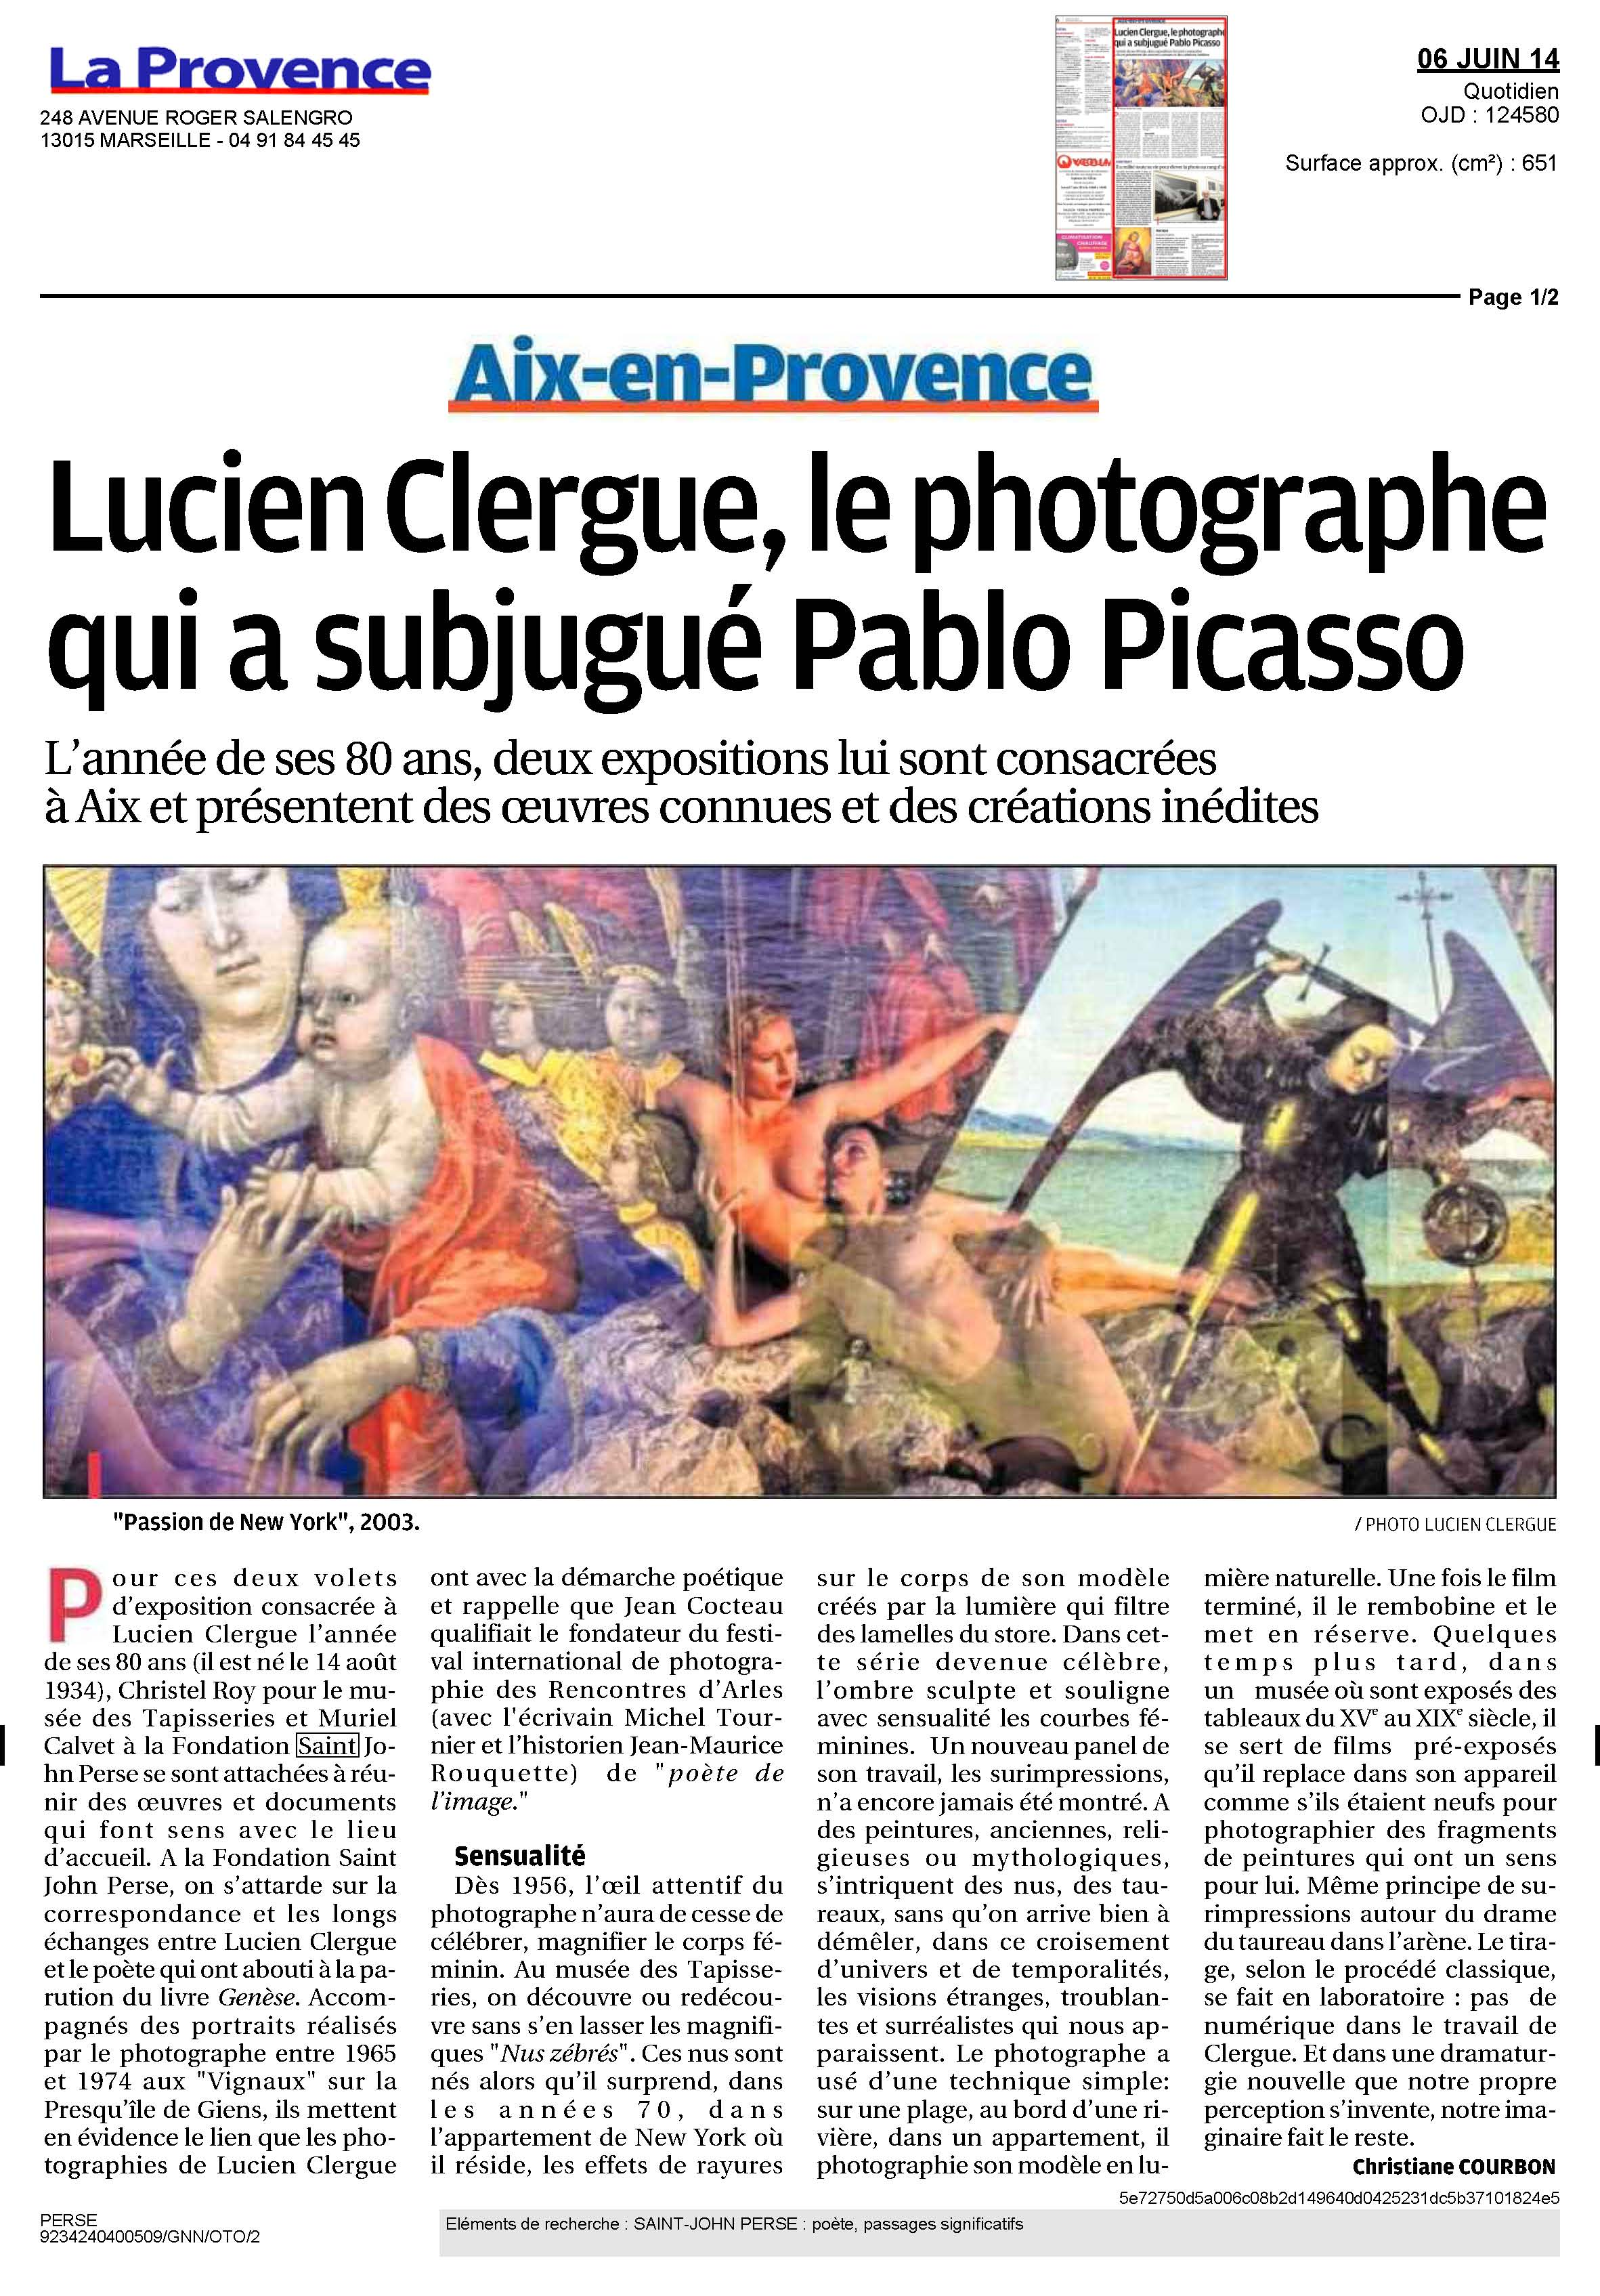 2014-06-06_LA_PROVENCE_Clergue_Page_1